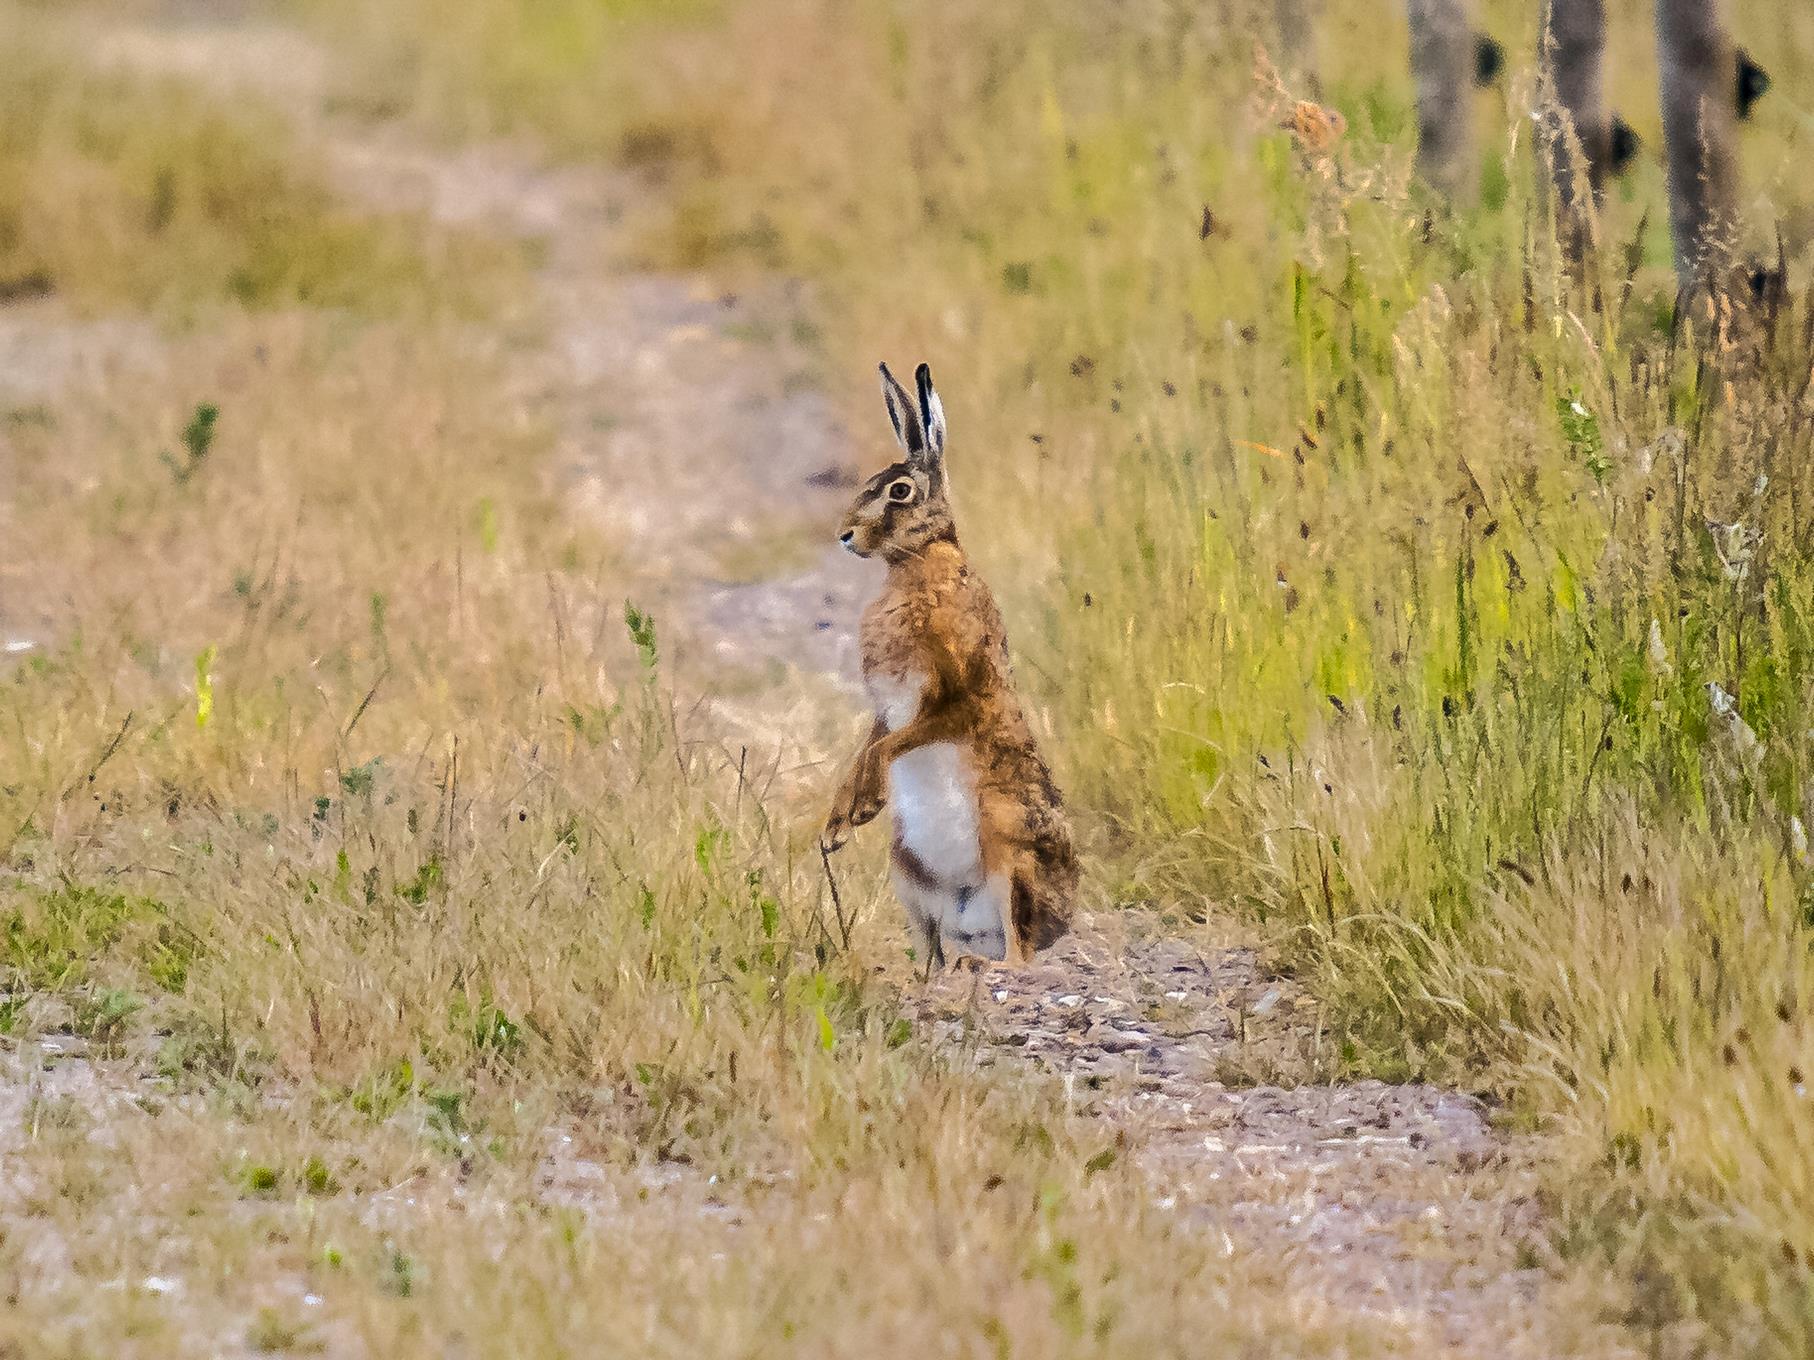 In der Nähe des Stichweges können oft Hasen beobachtet werden.